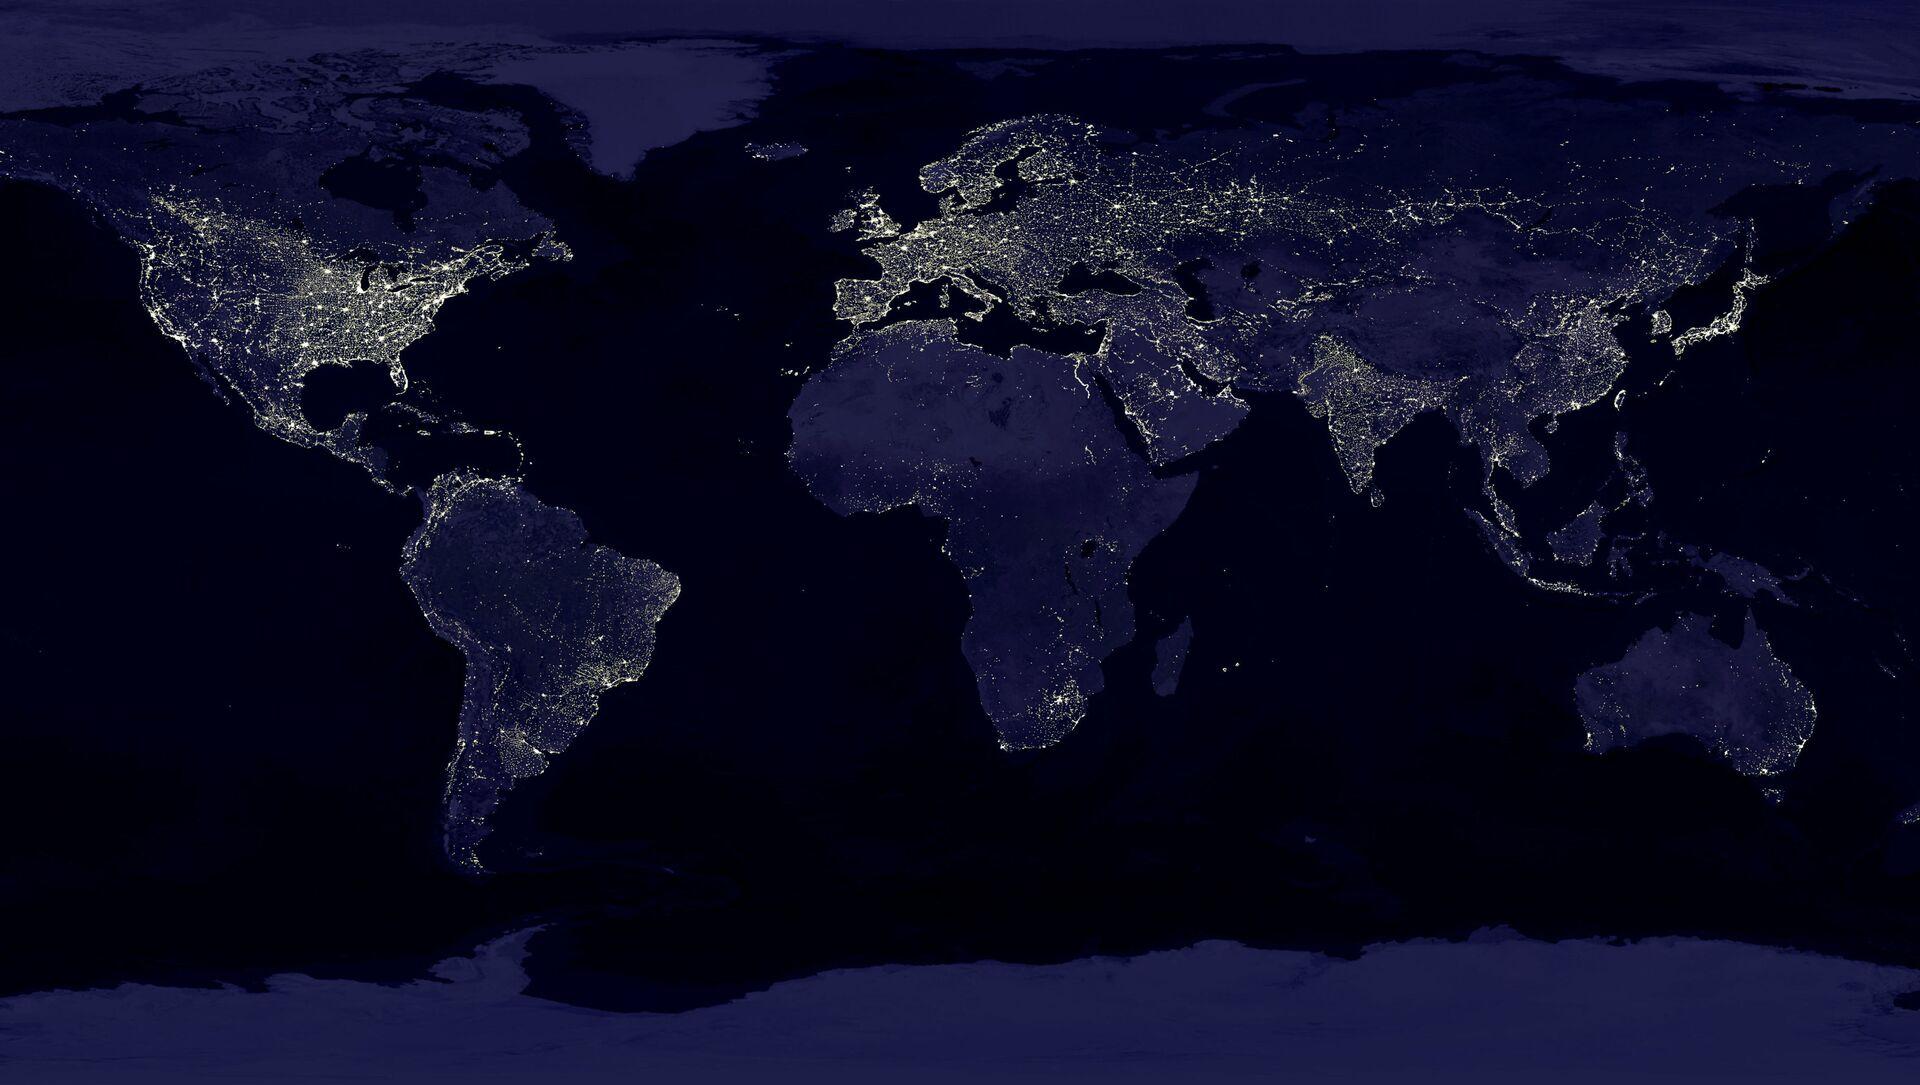 La Terre vue depuis l'espace - Sputnik France, 1920, 25.08.2021